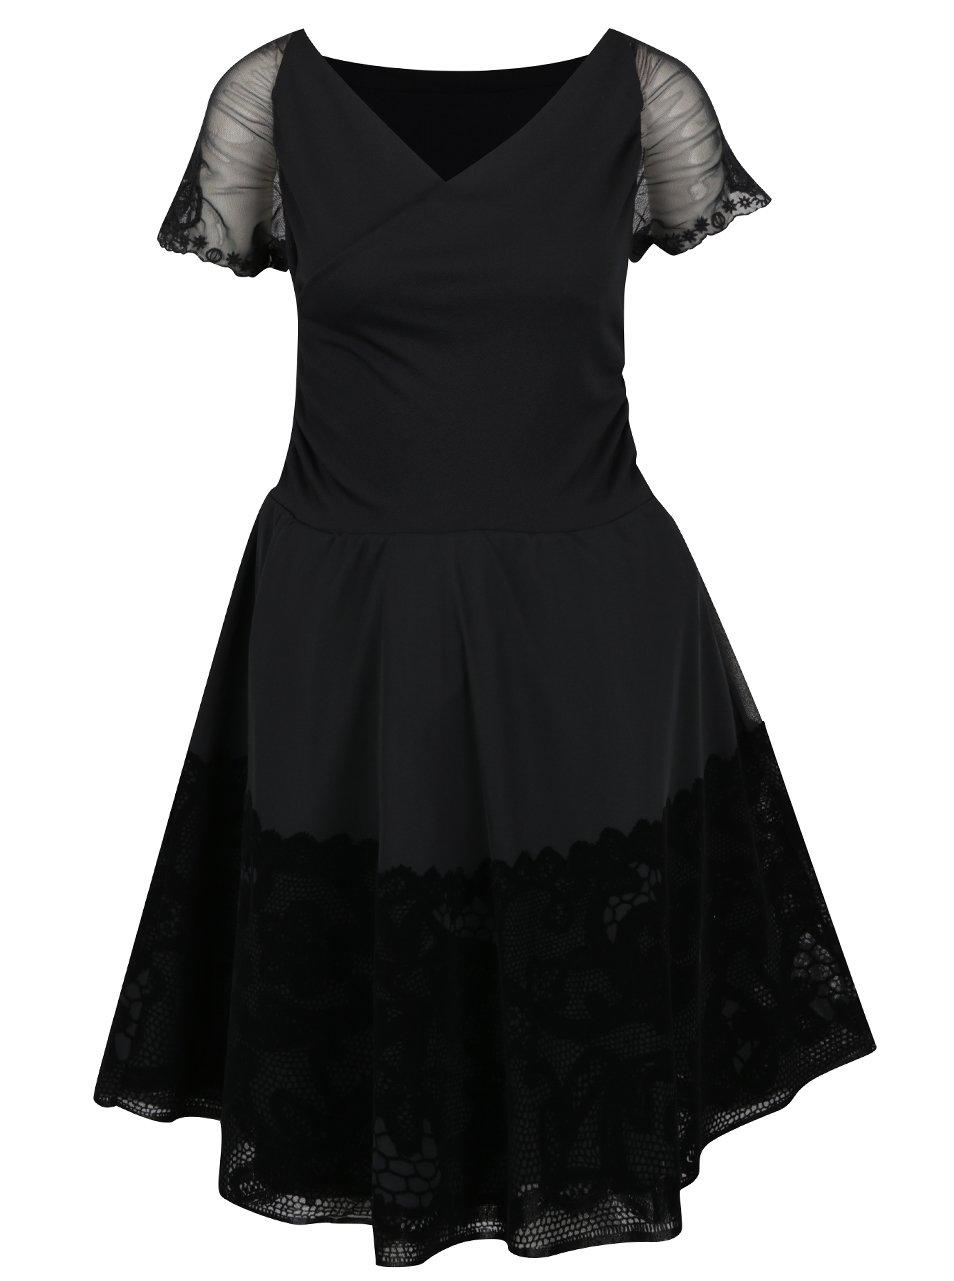 Čierne šaty s prekladaným výstrihom a čipkovanými detailmi Desigual Betty